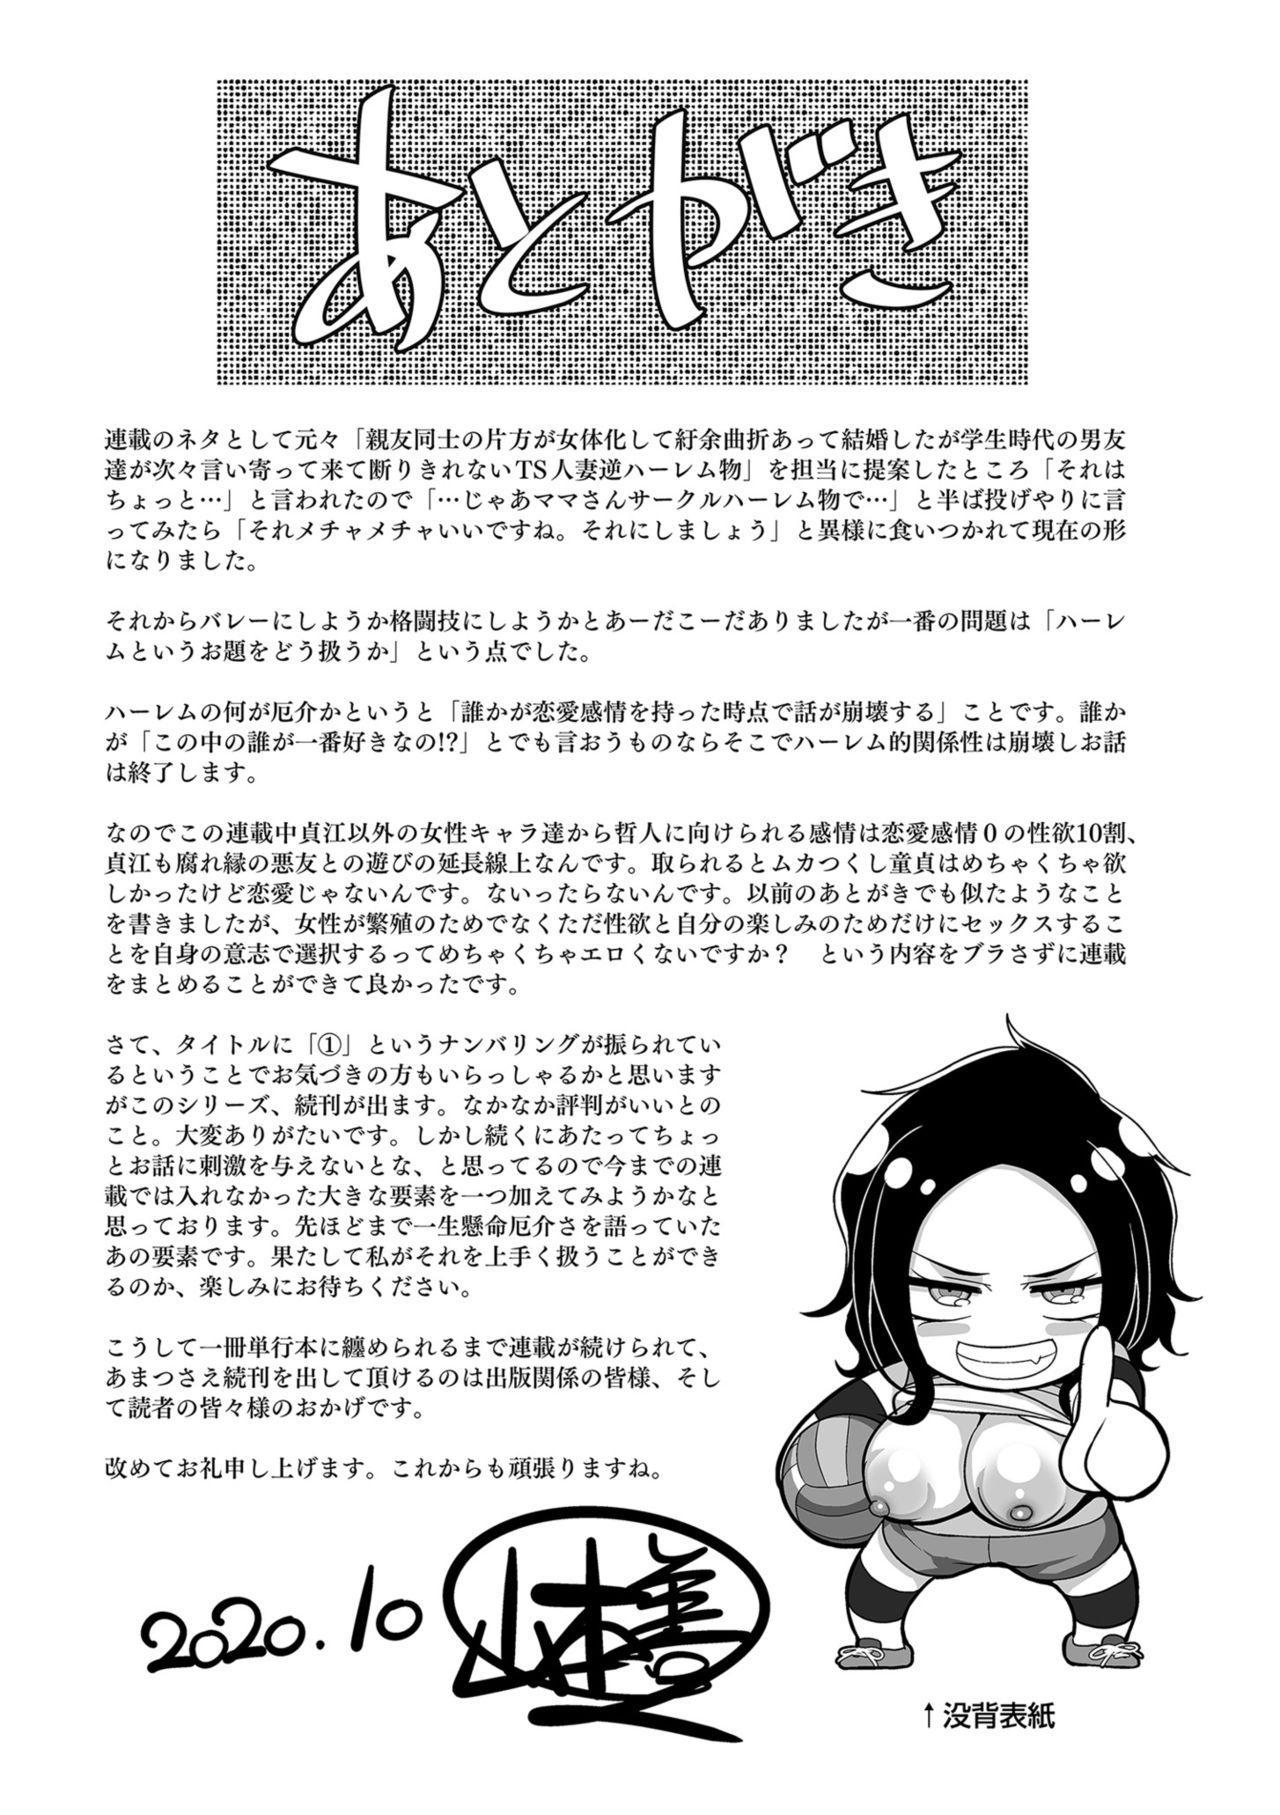 [Yamamoto Zenzen] S-ken K-shi Shakaijin Joshi Volleyball Circle no Jijou [Digital] 218